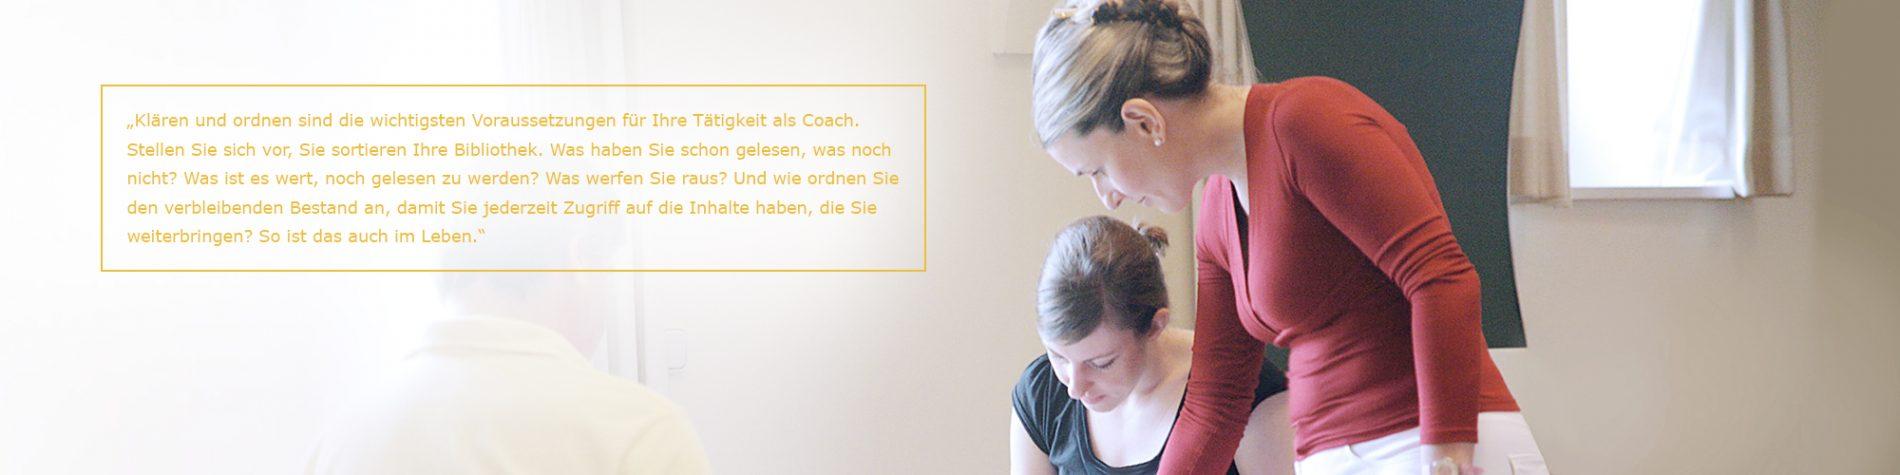 Coach-Ausbildung - Erlernen, Coaches